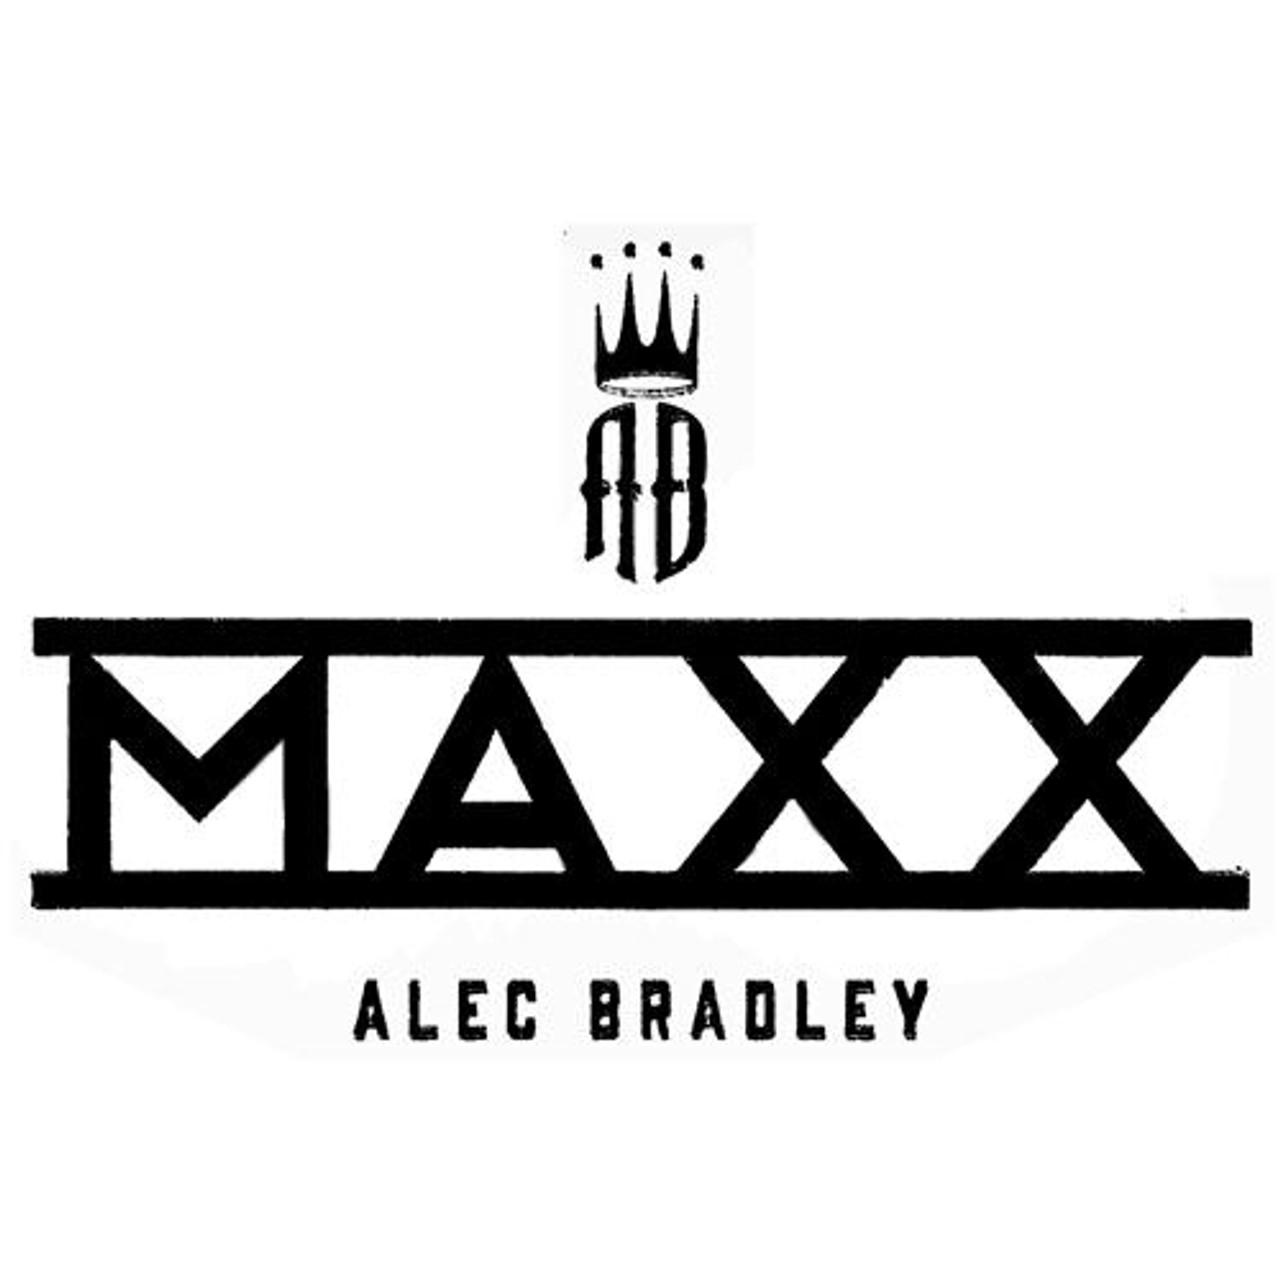 Alec Bradley MAXX Fixx Logo